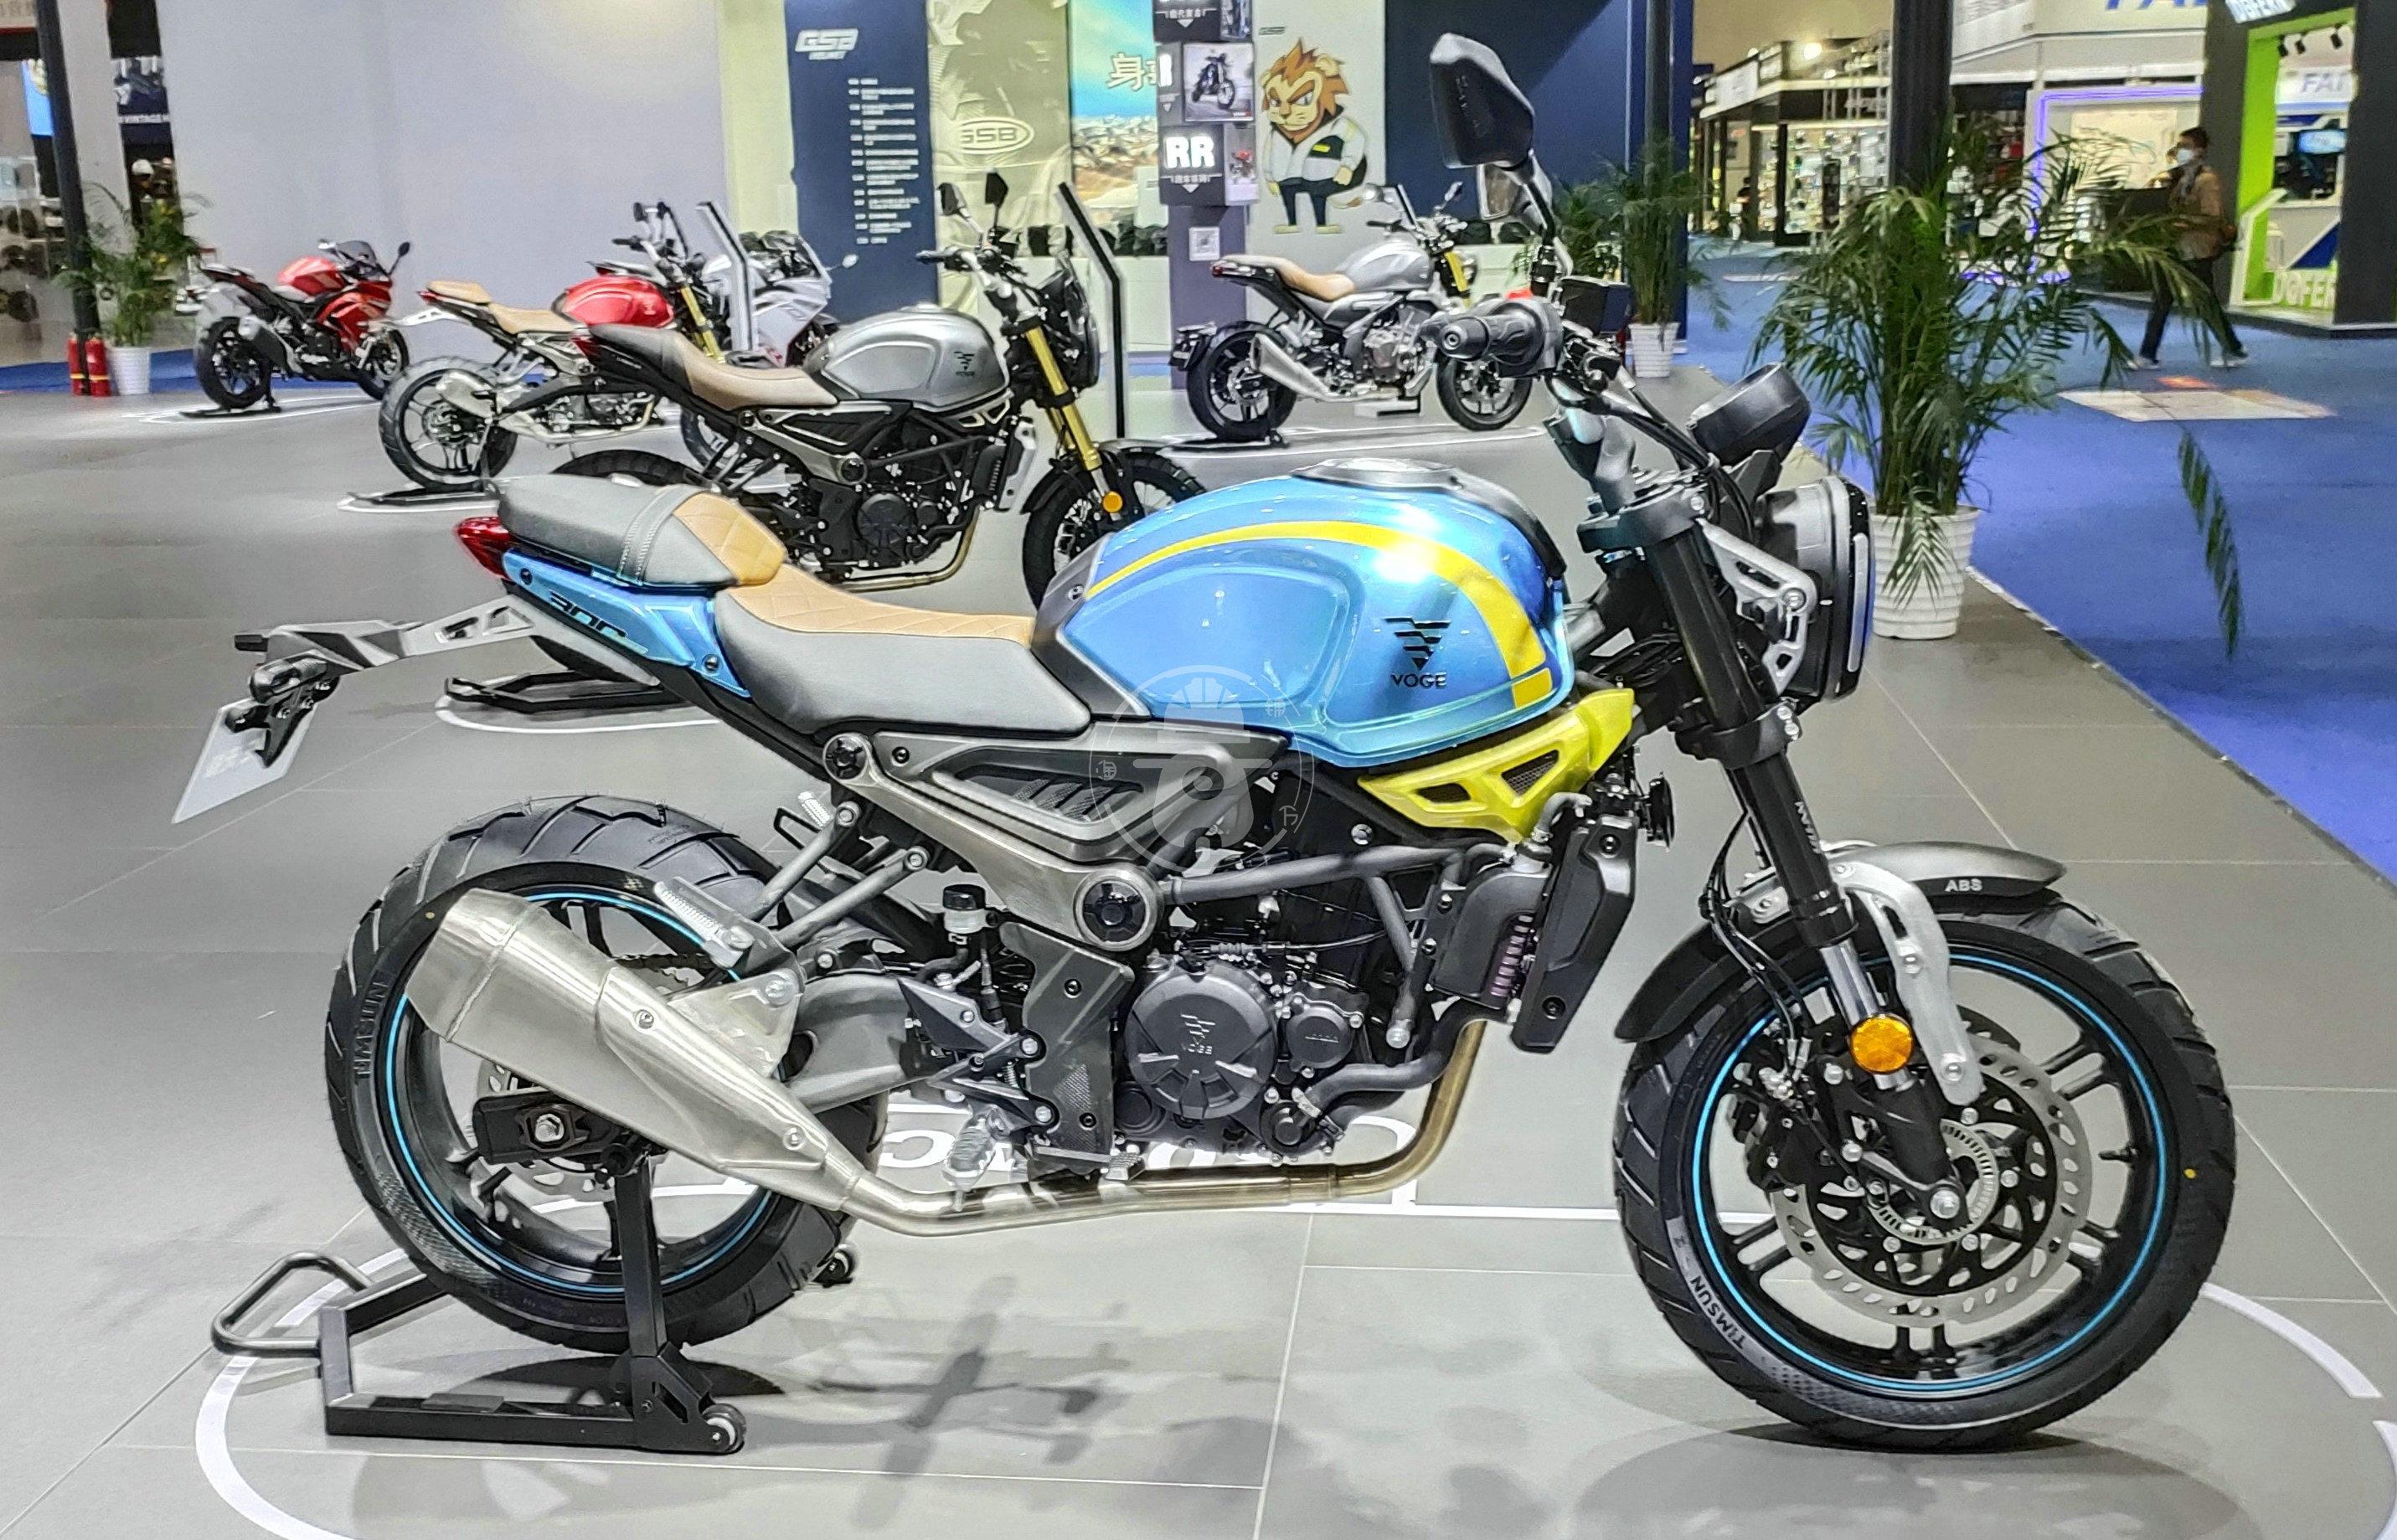 无极300AC改款 更时尚精致 动力略有提升-第2张图片-春风行摩托车之家